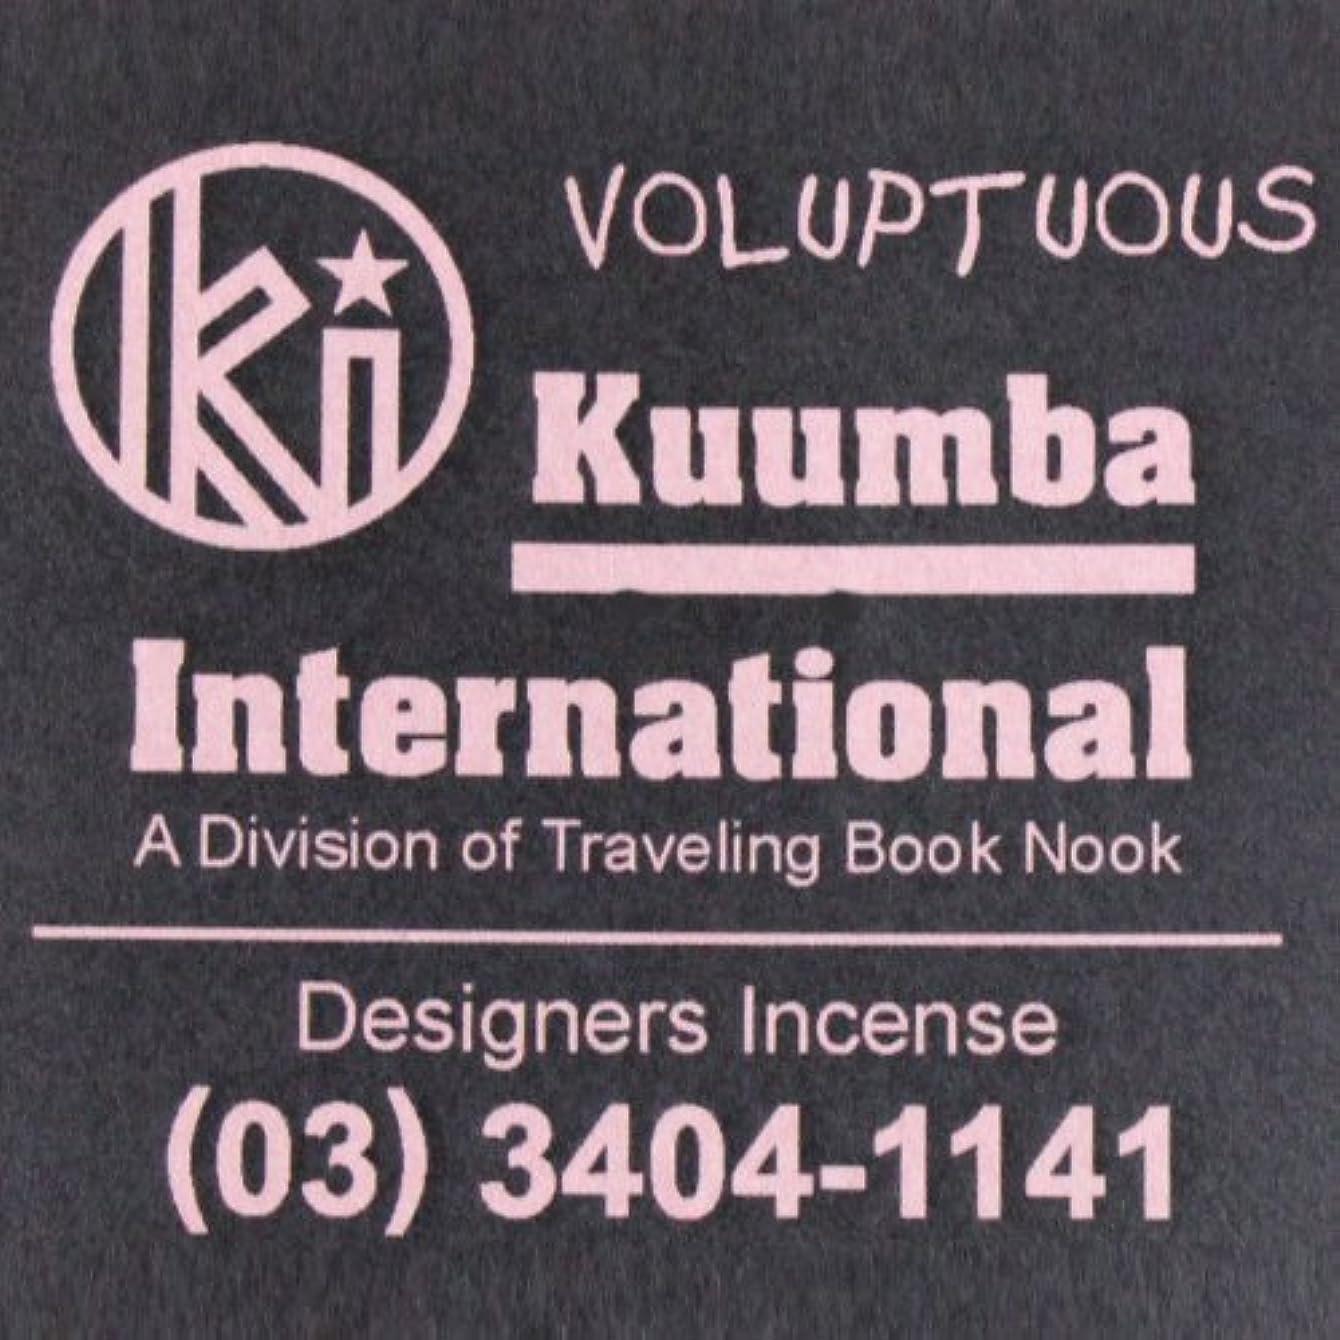 スイッチ疑問を超えて多様体KUUMBA (クンバ)『incense』(VOLUPTUOUS) (Regular size)